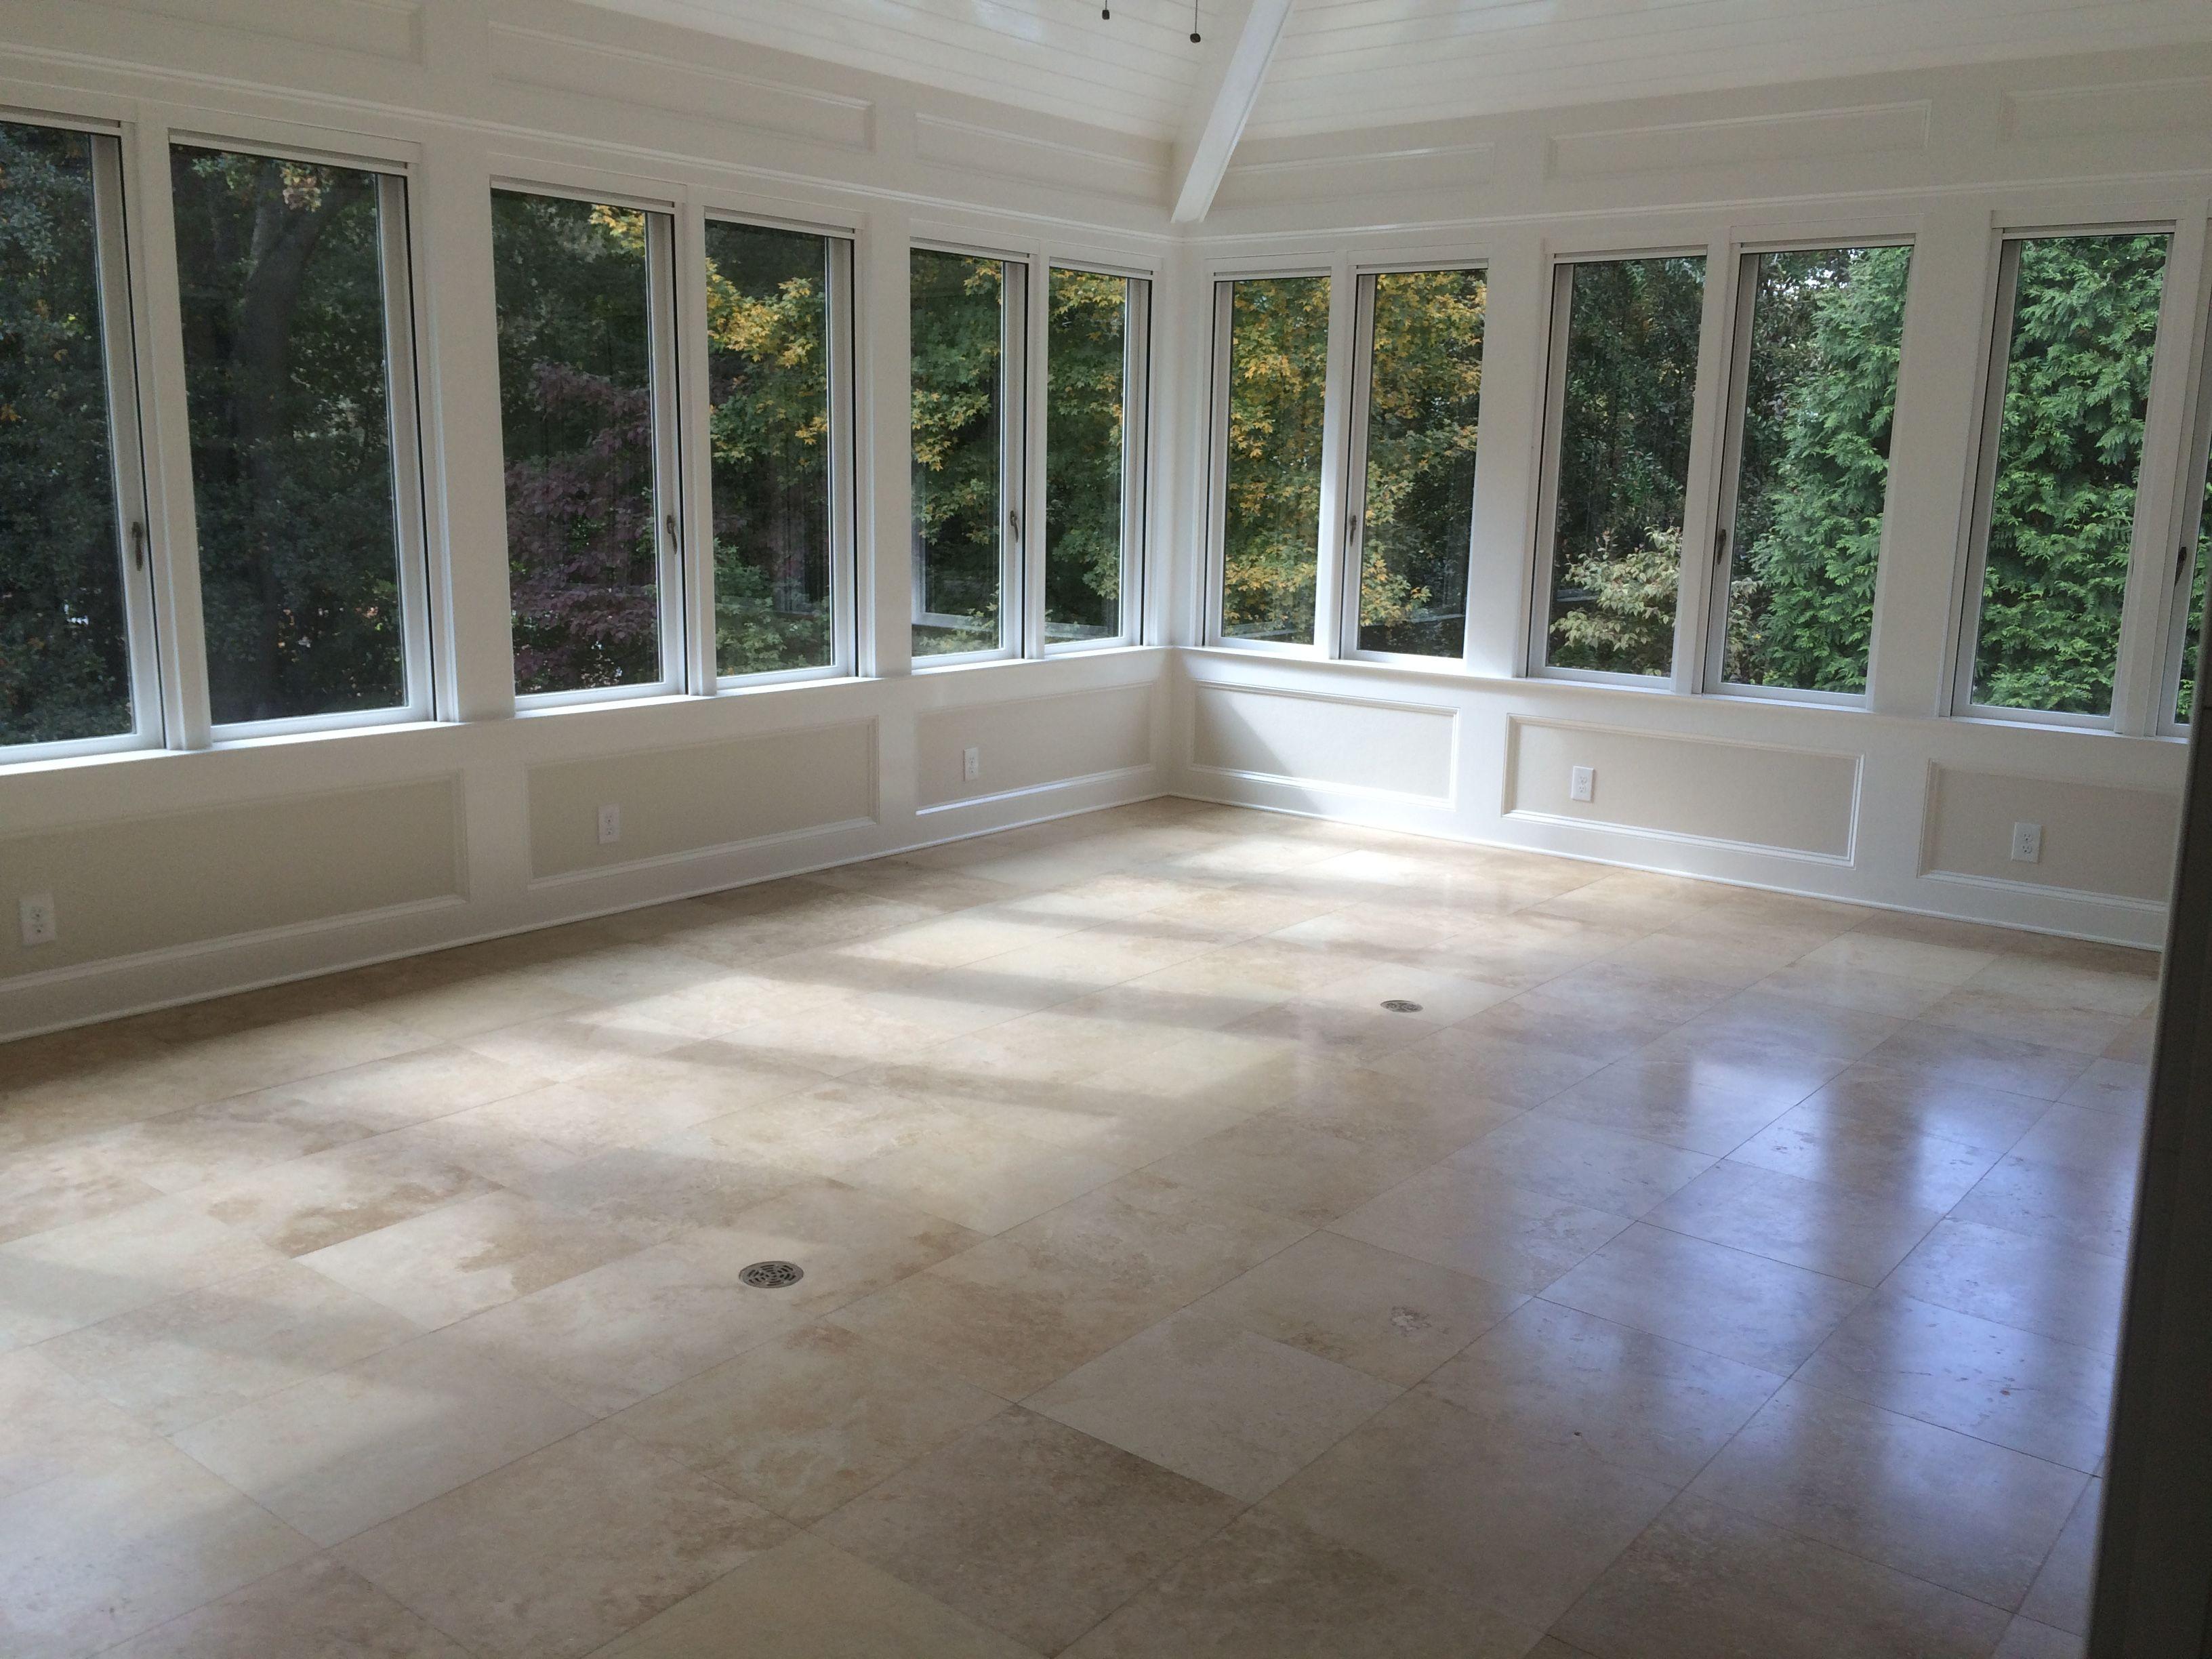 Sunporch W Kolbe Casement Windows Pci Home Ideas In 2019 Porch Decorating Sunroom Three